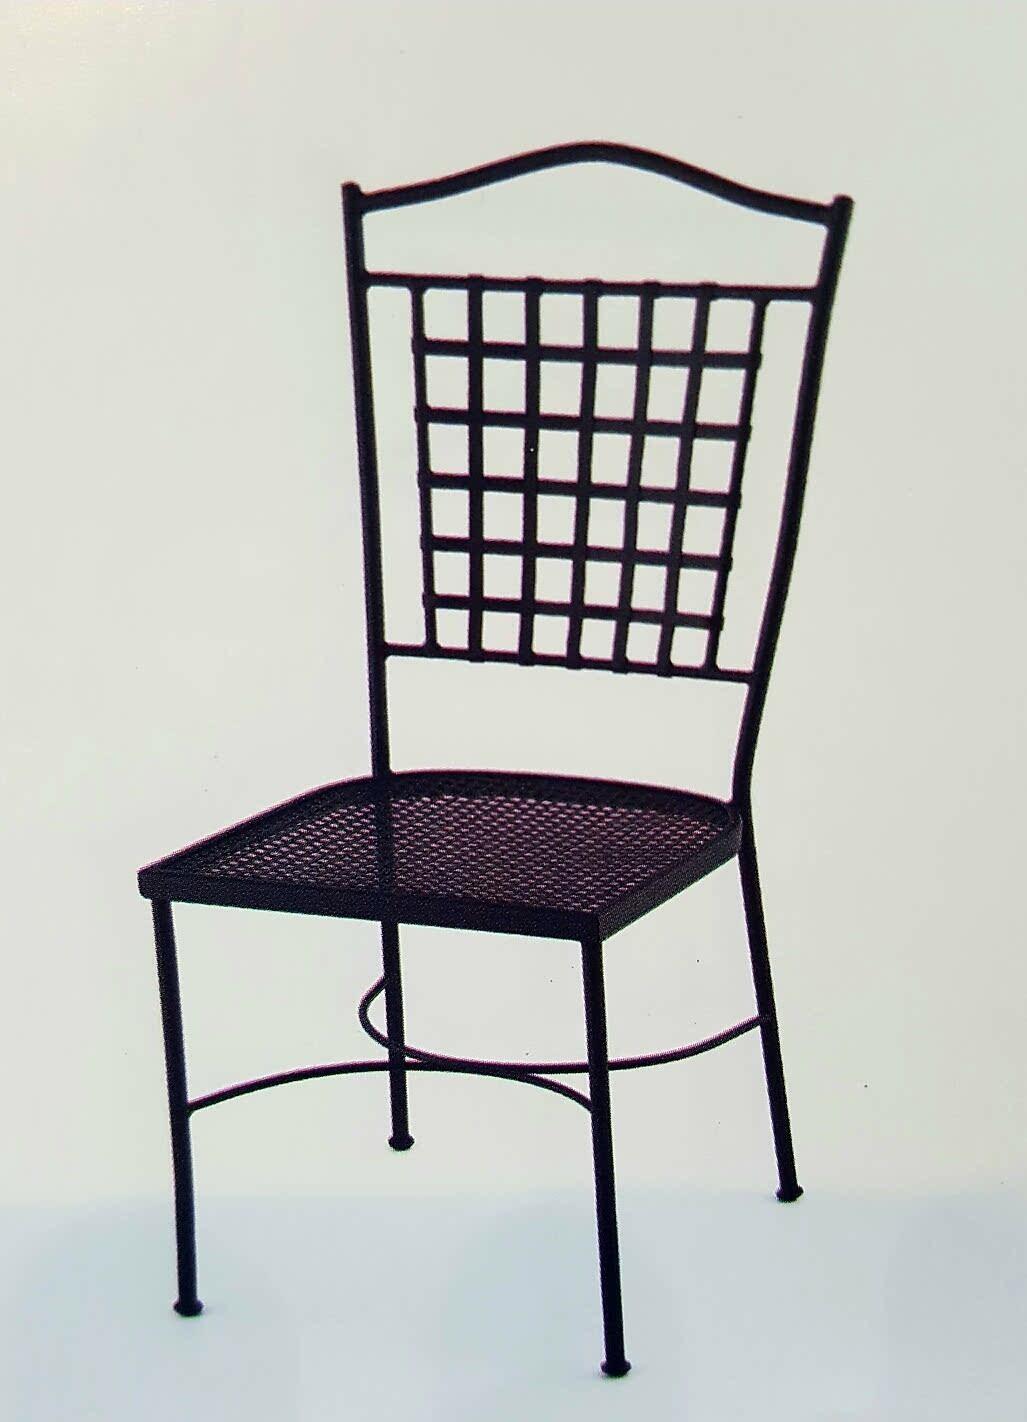 Forja decor jard n silla con asiento de chapa met lica - Muebles de chapa metalica ...